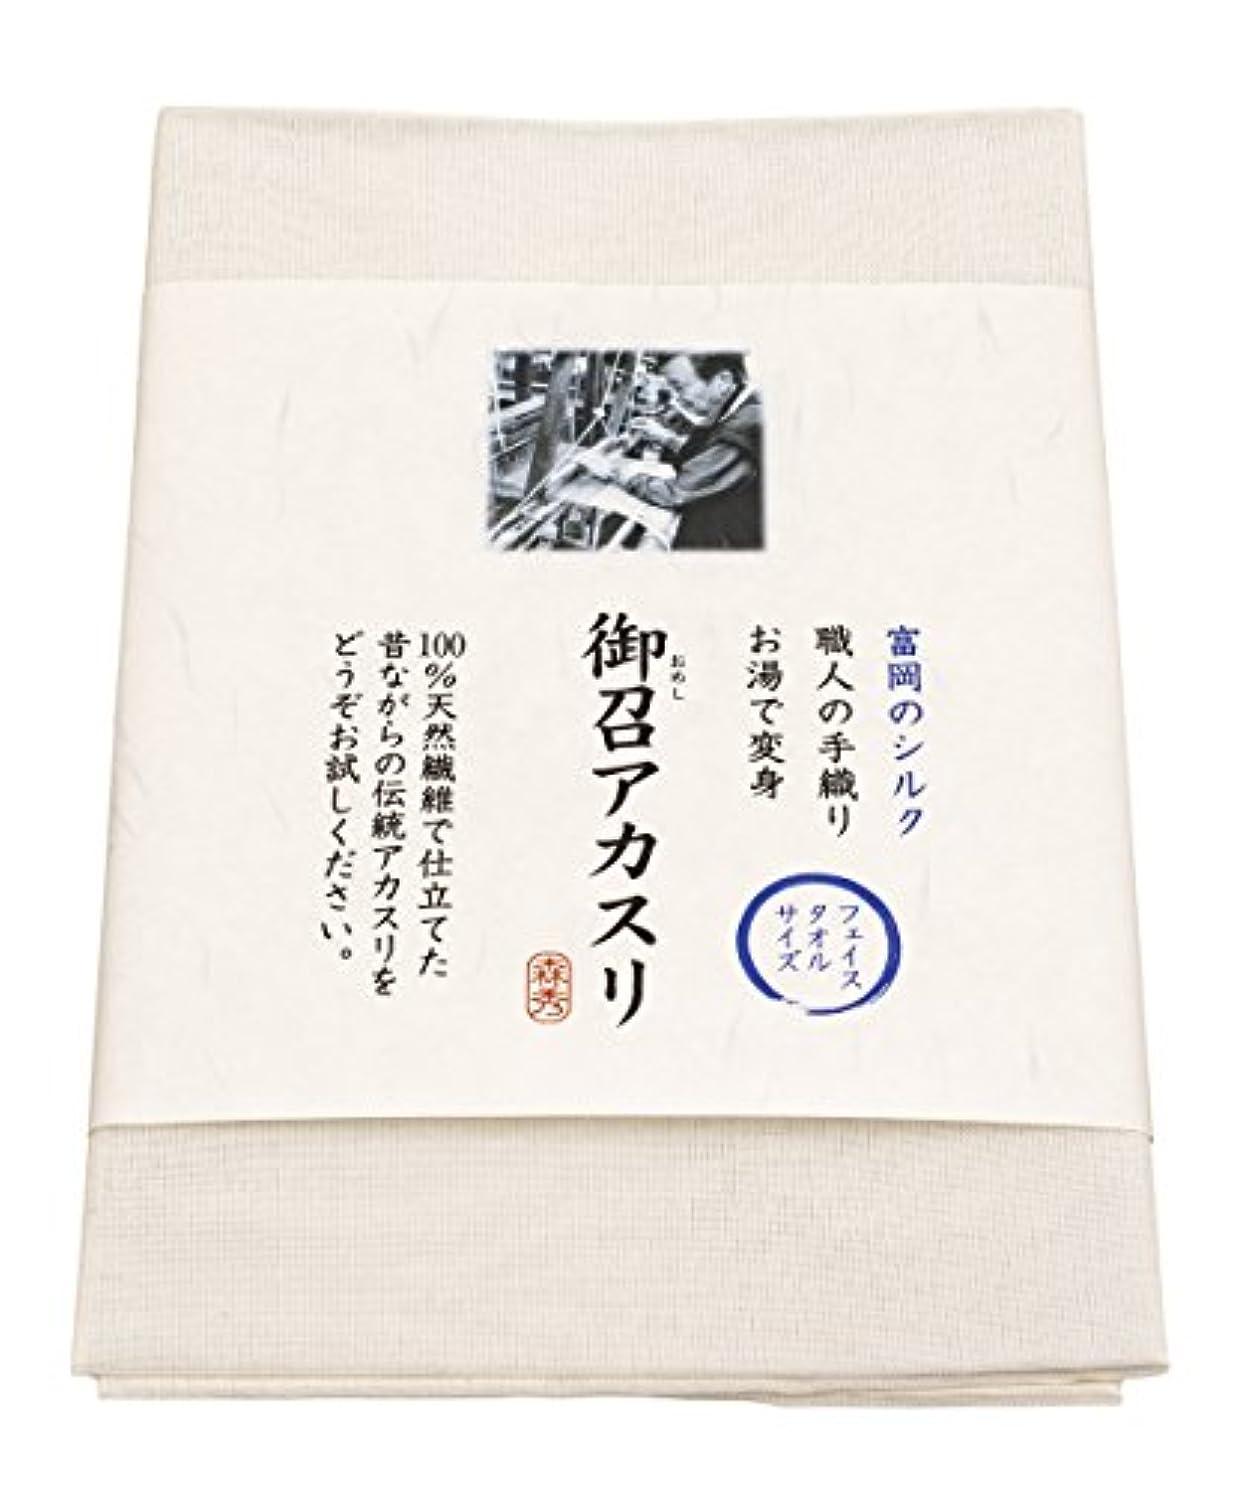 悲観主義者クロス到着する森秀織物 御召アカスリ (60×40cm, 富岡シルク, 生成り)